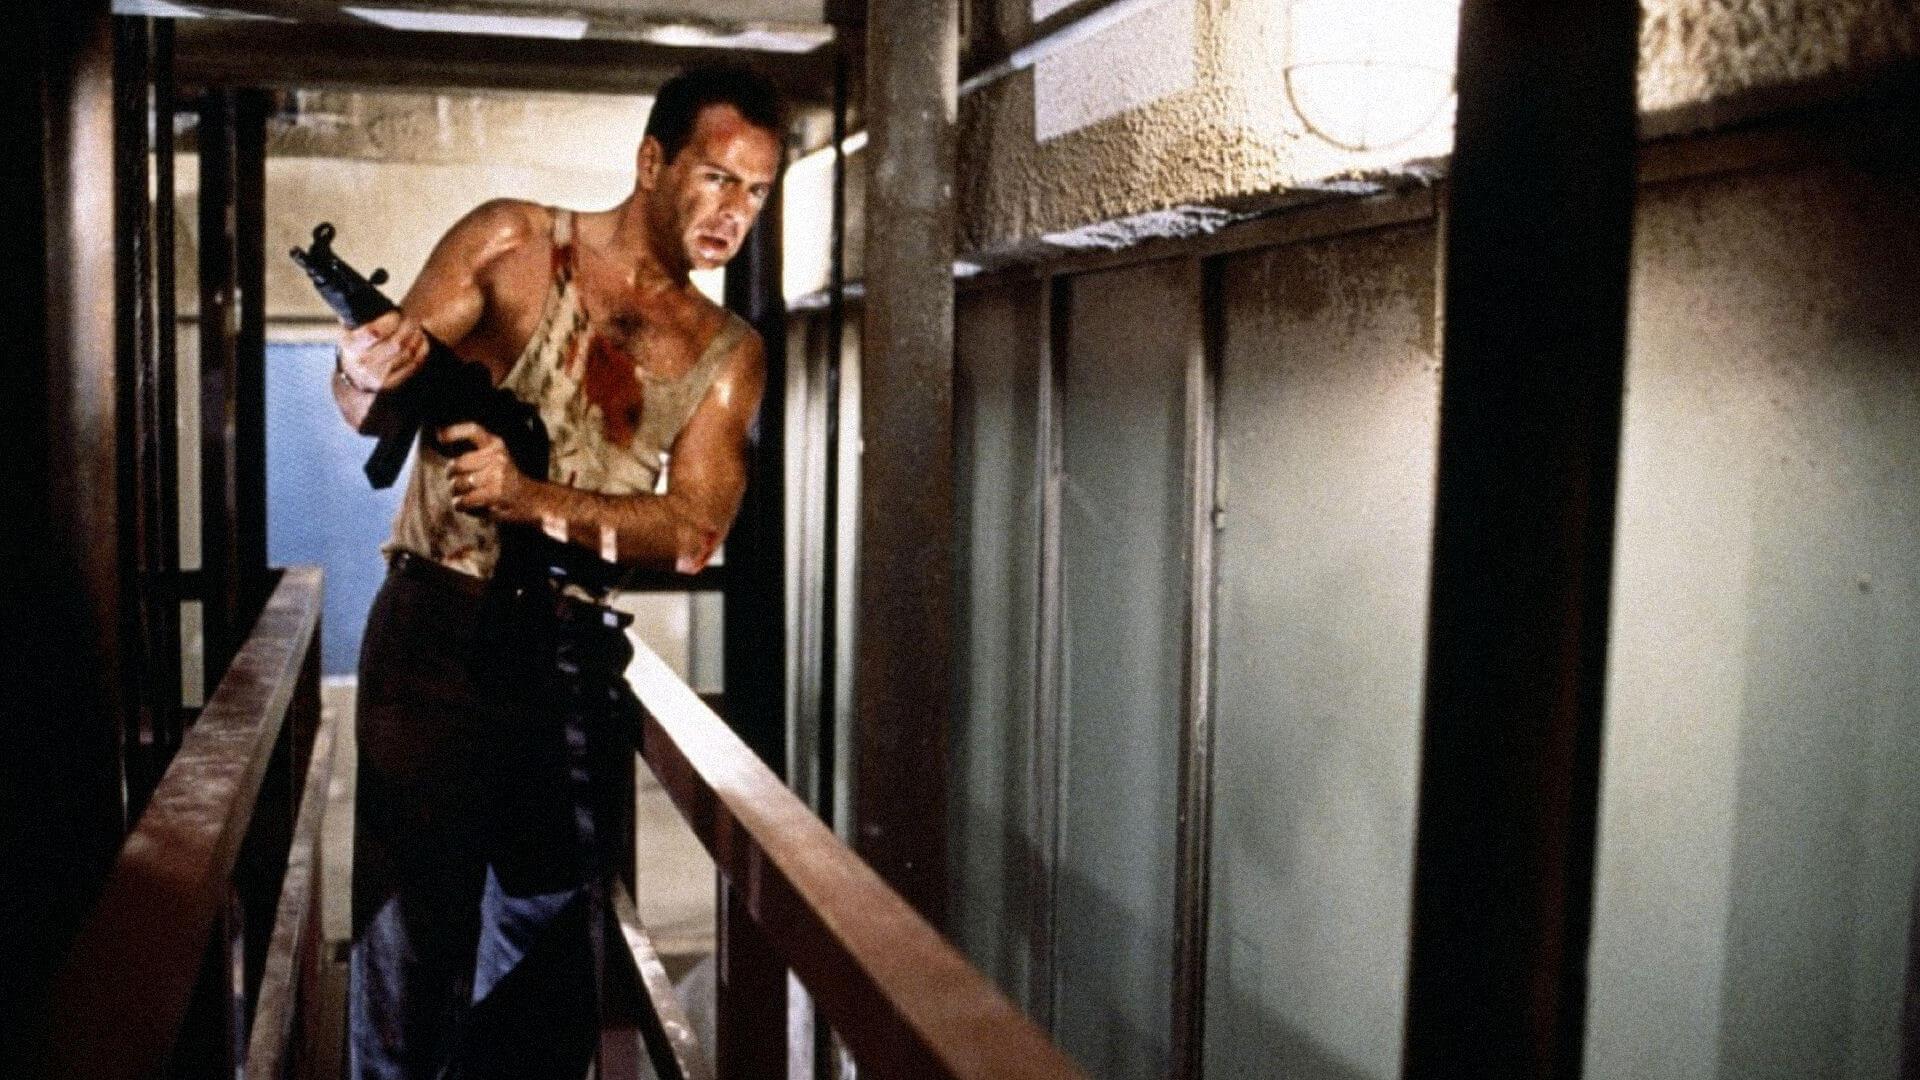 Die Hard 1988 Christmas Movie